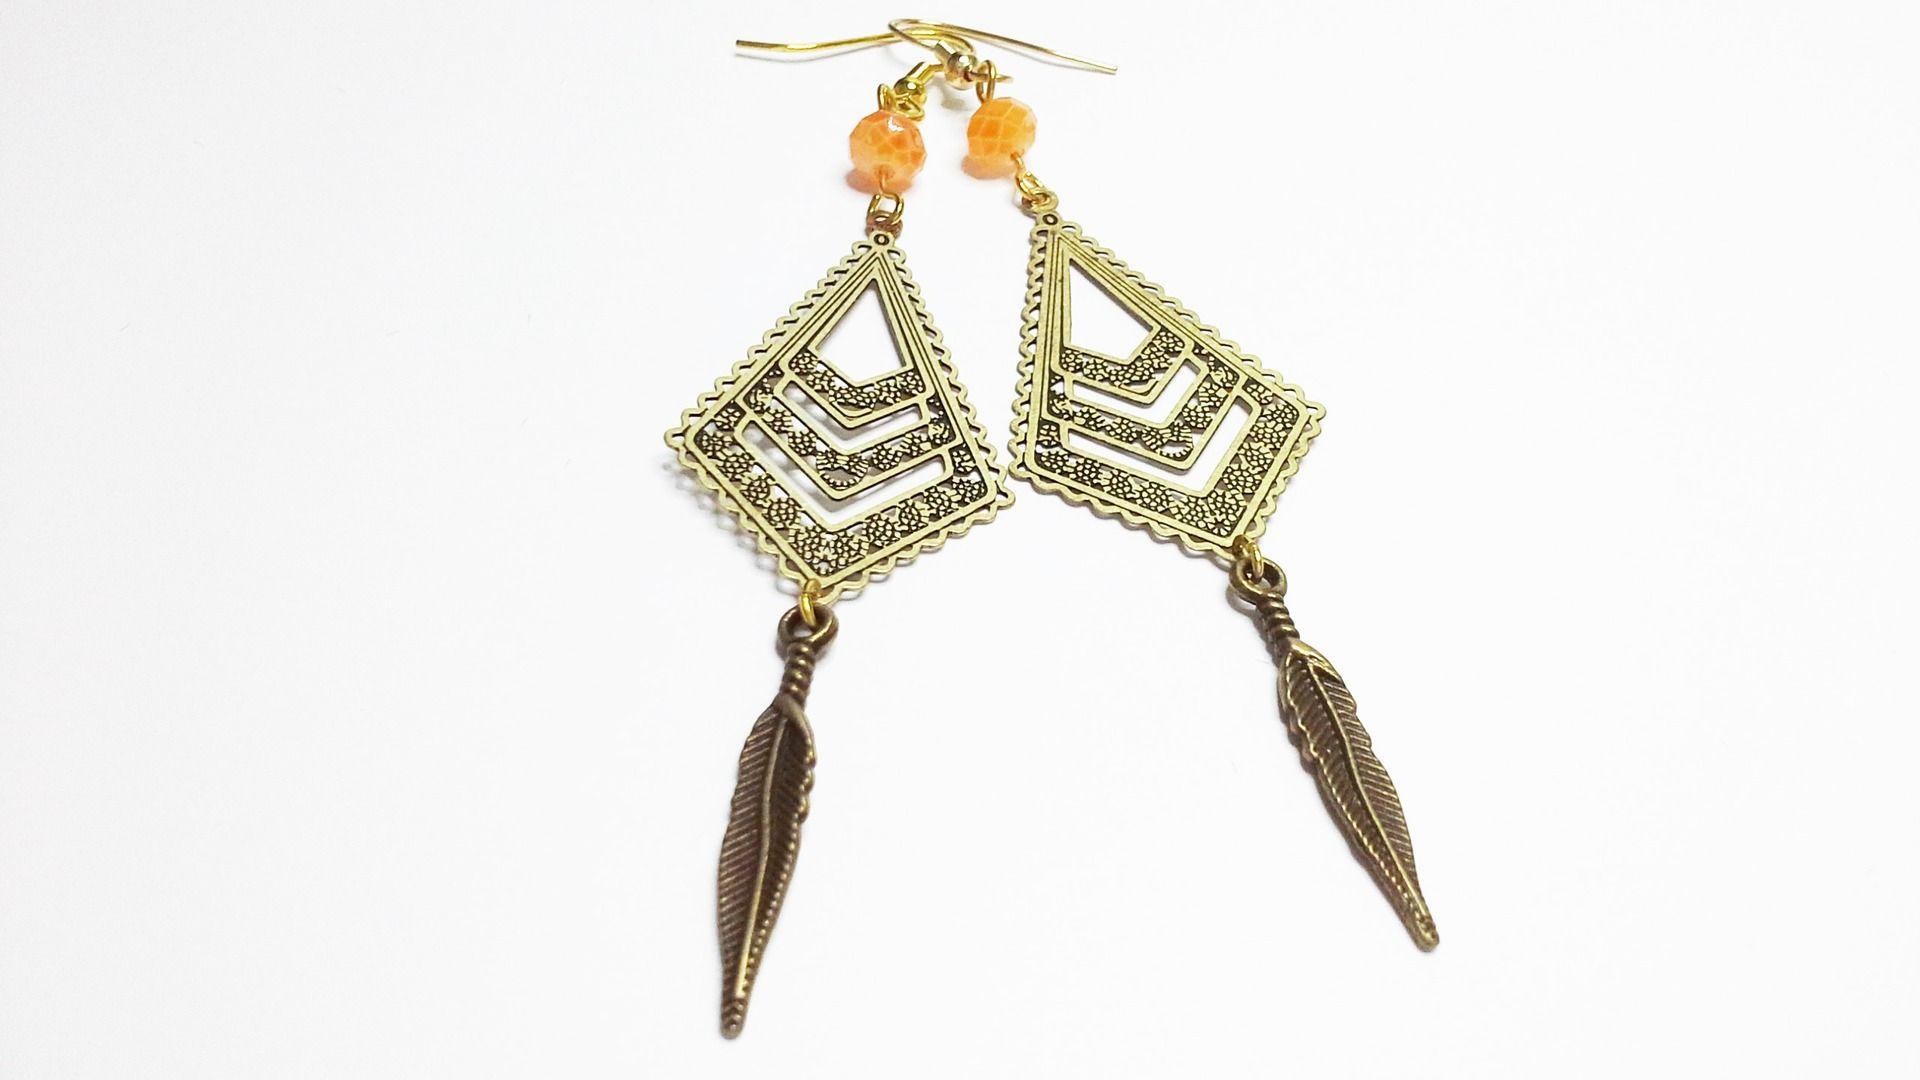 boucles d'oreilles pendante doré vielli, estampes filigranes losange, perles swarovski orangé nuancé par lilou-popette : Boucles d'oreille par lilou-popette